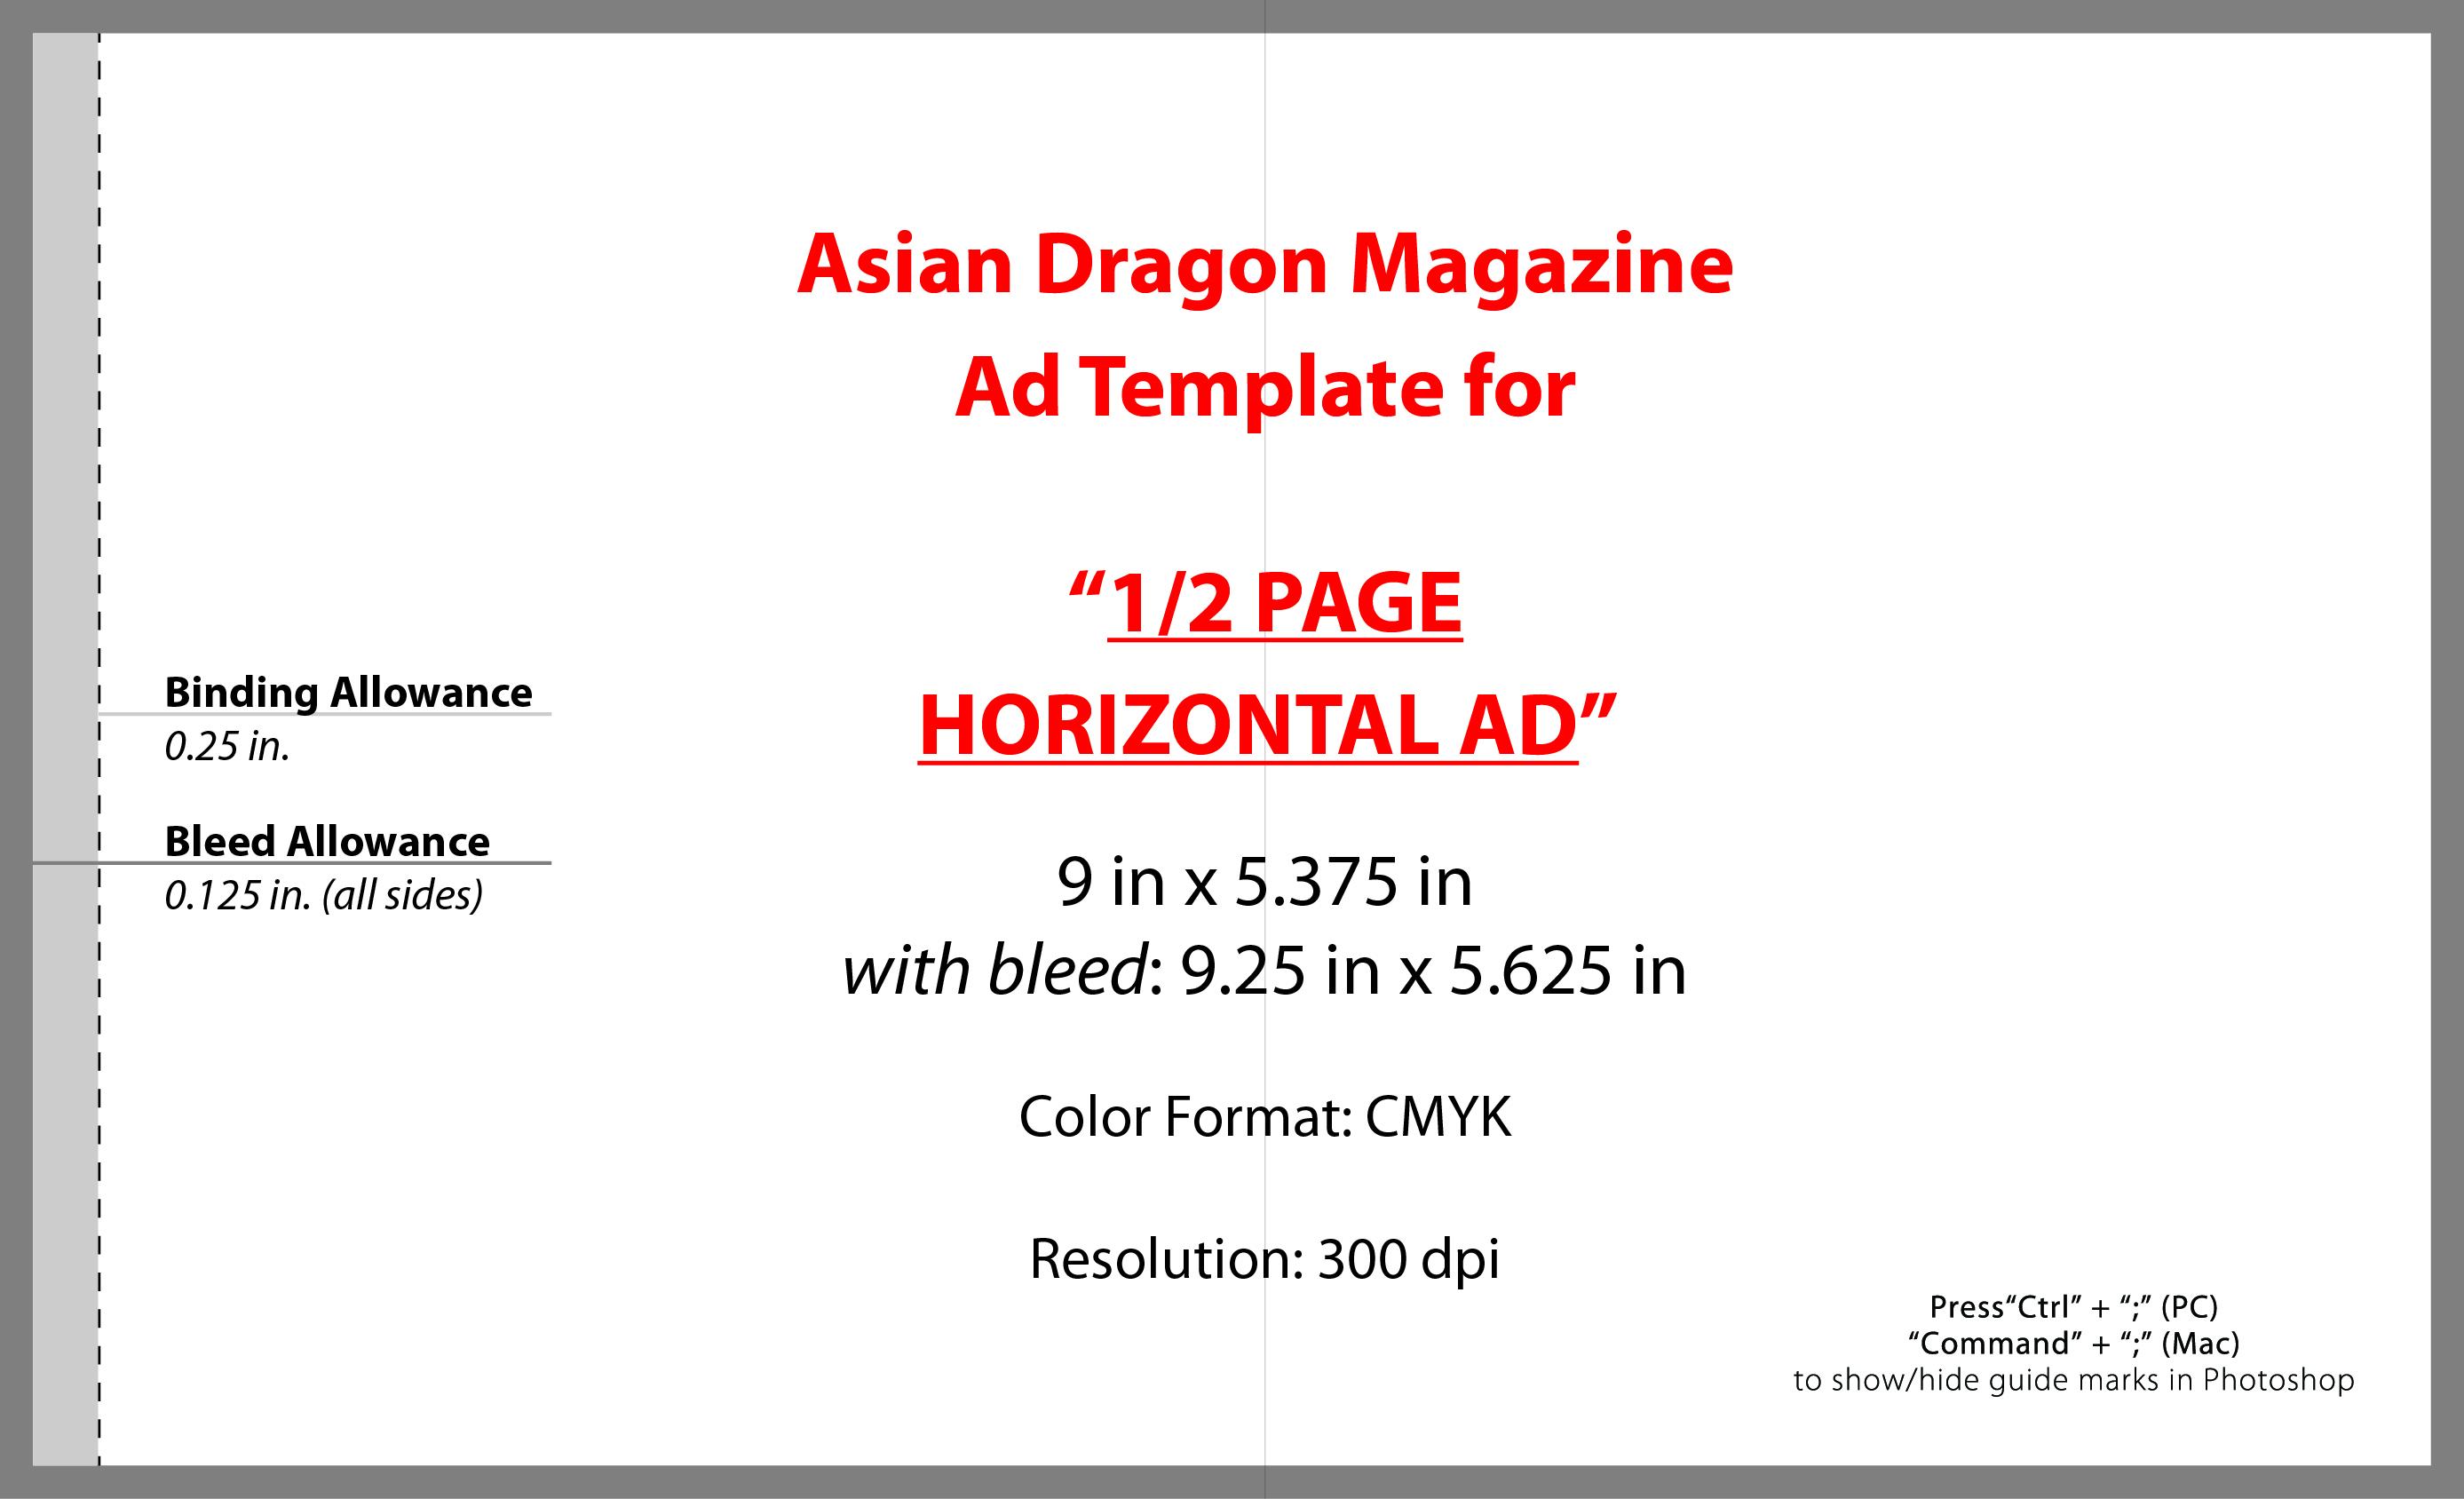 Advertise | Asian Dragon Magazine